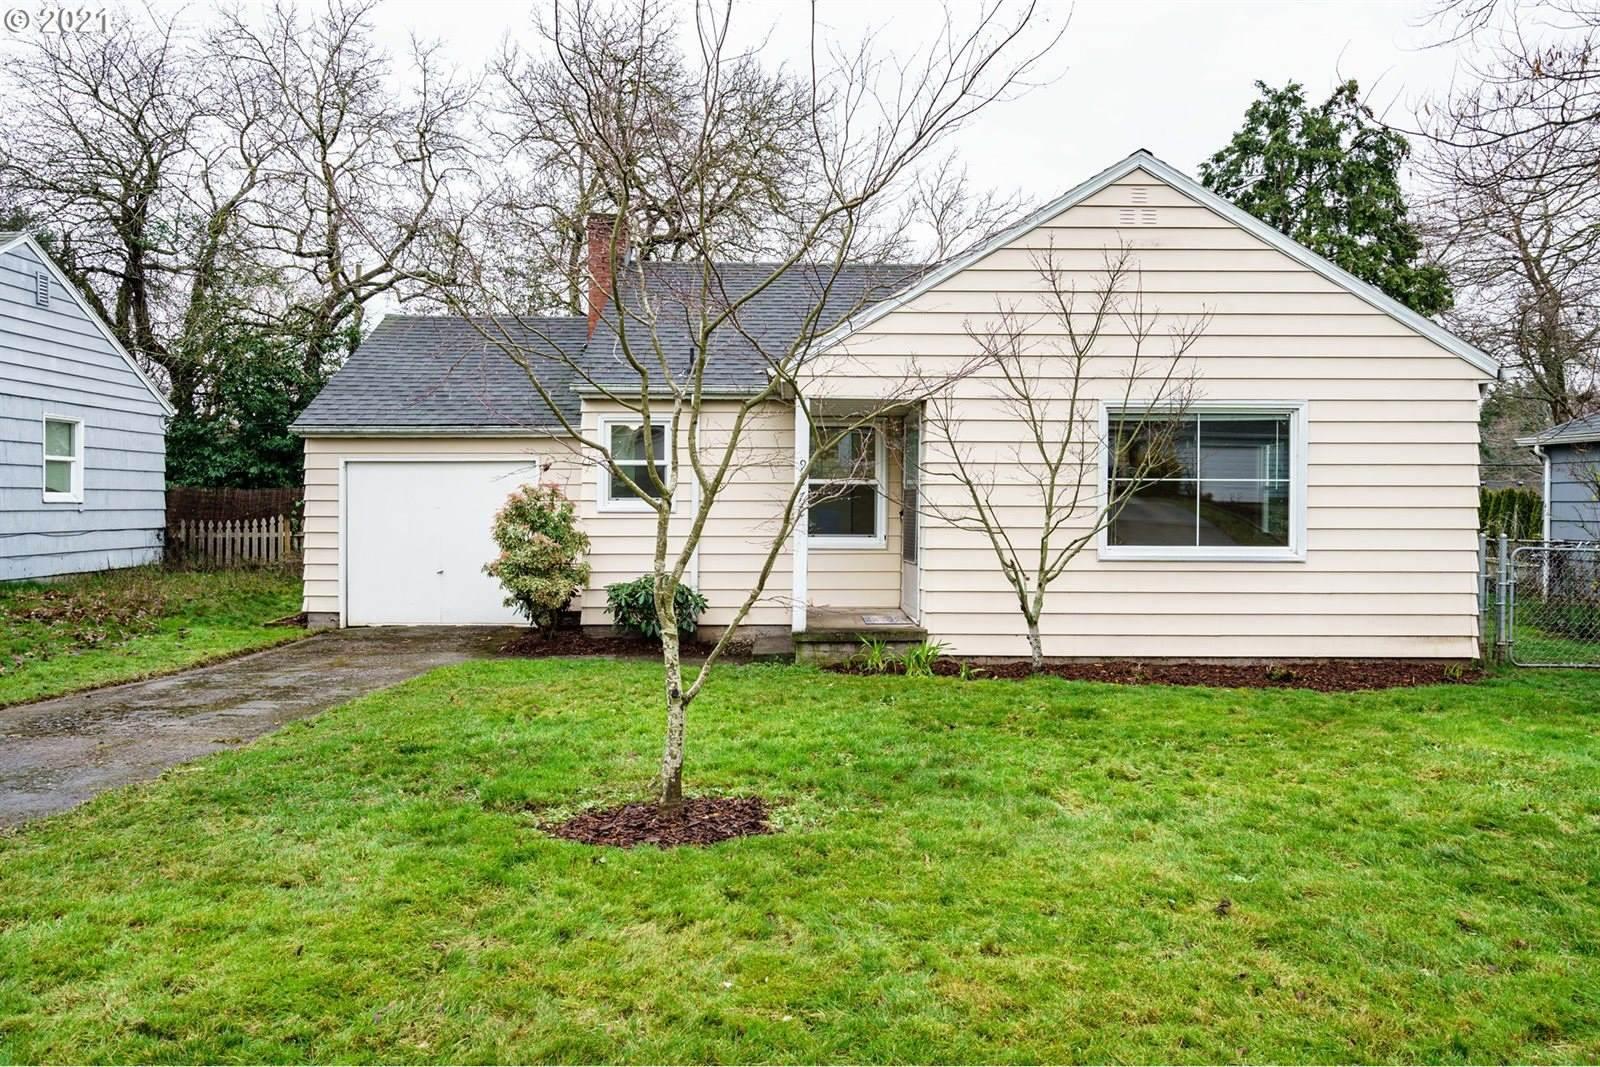 9272 SE Alder St, Portland, OR 97216